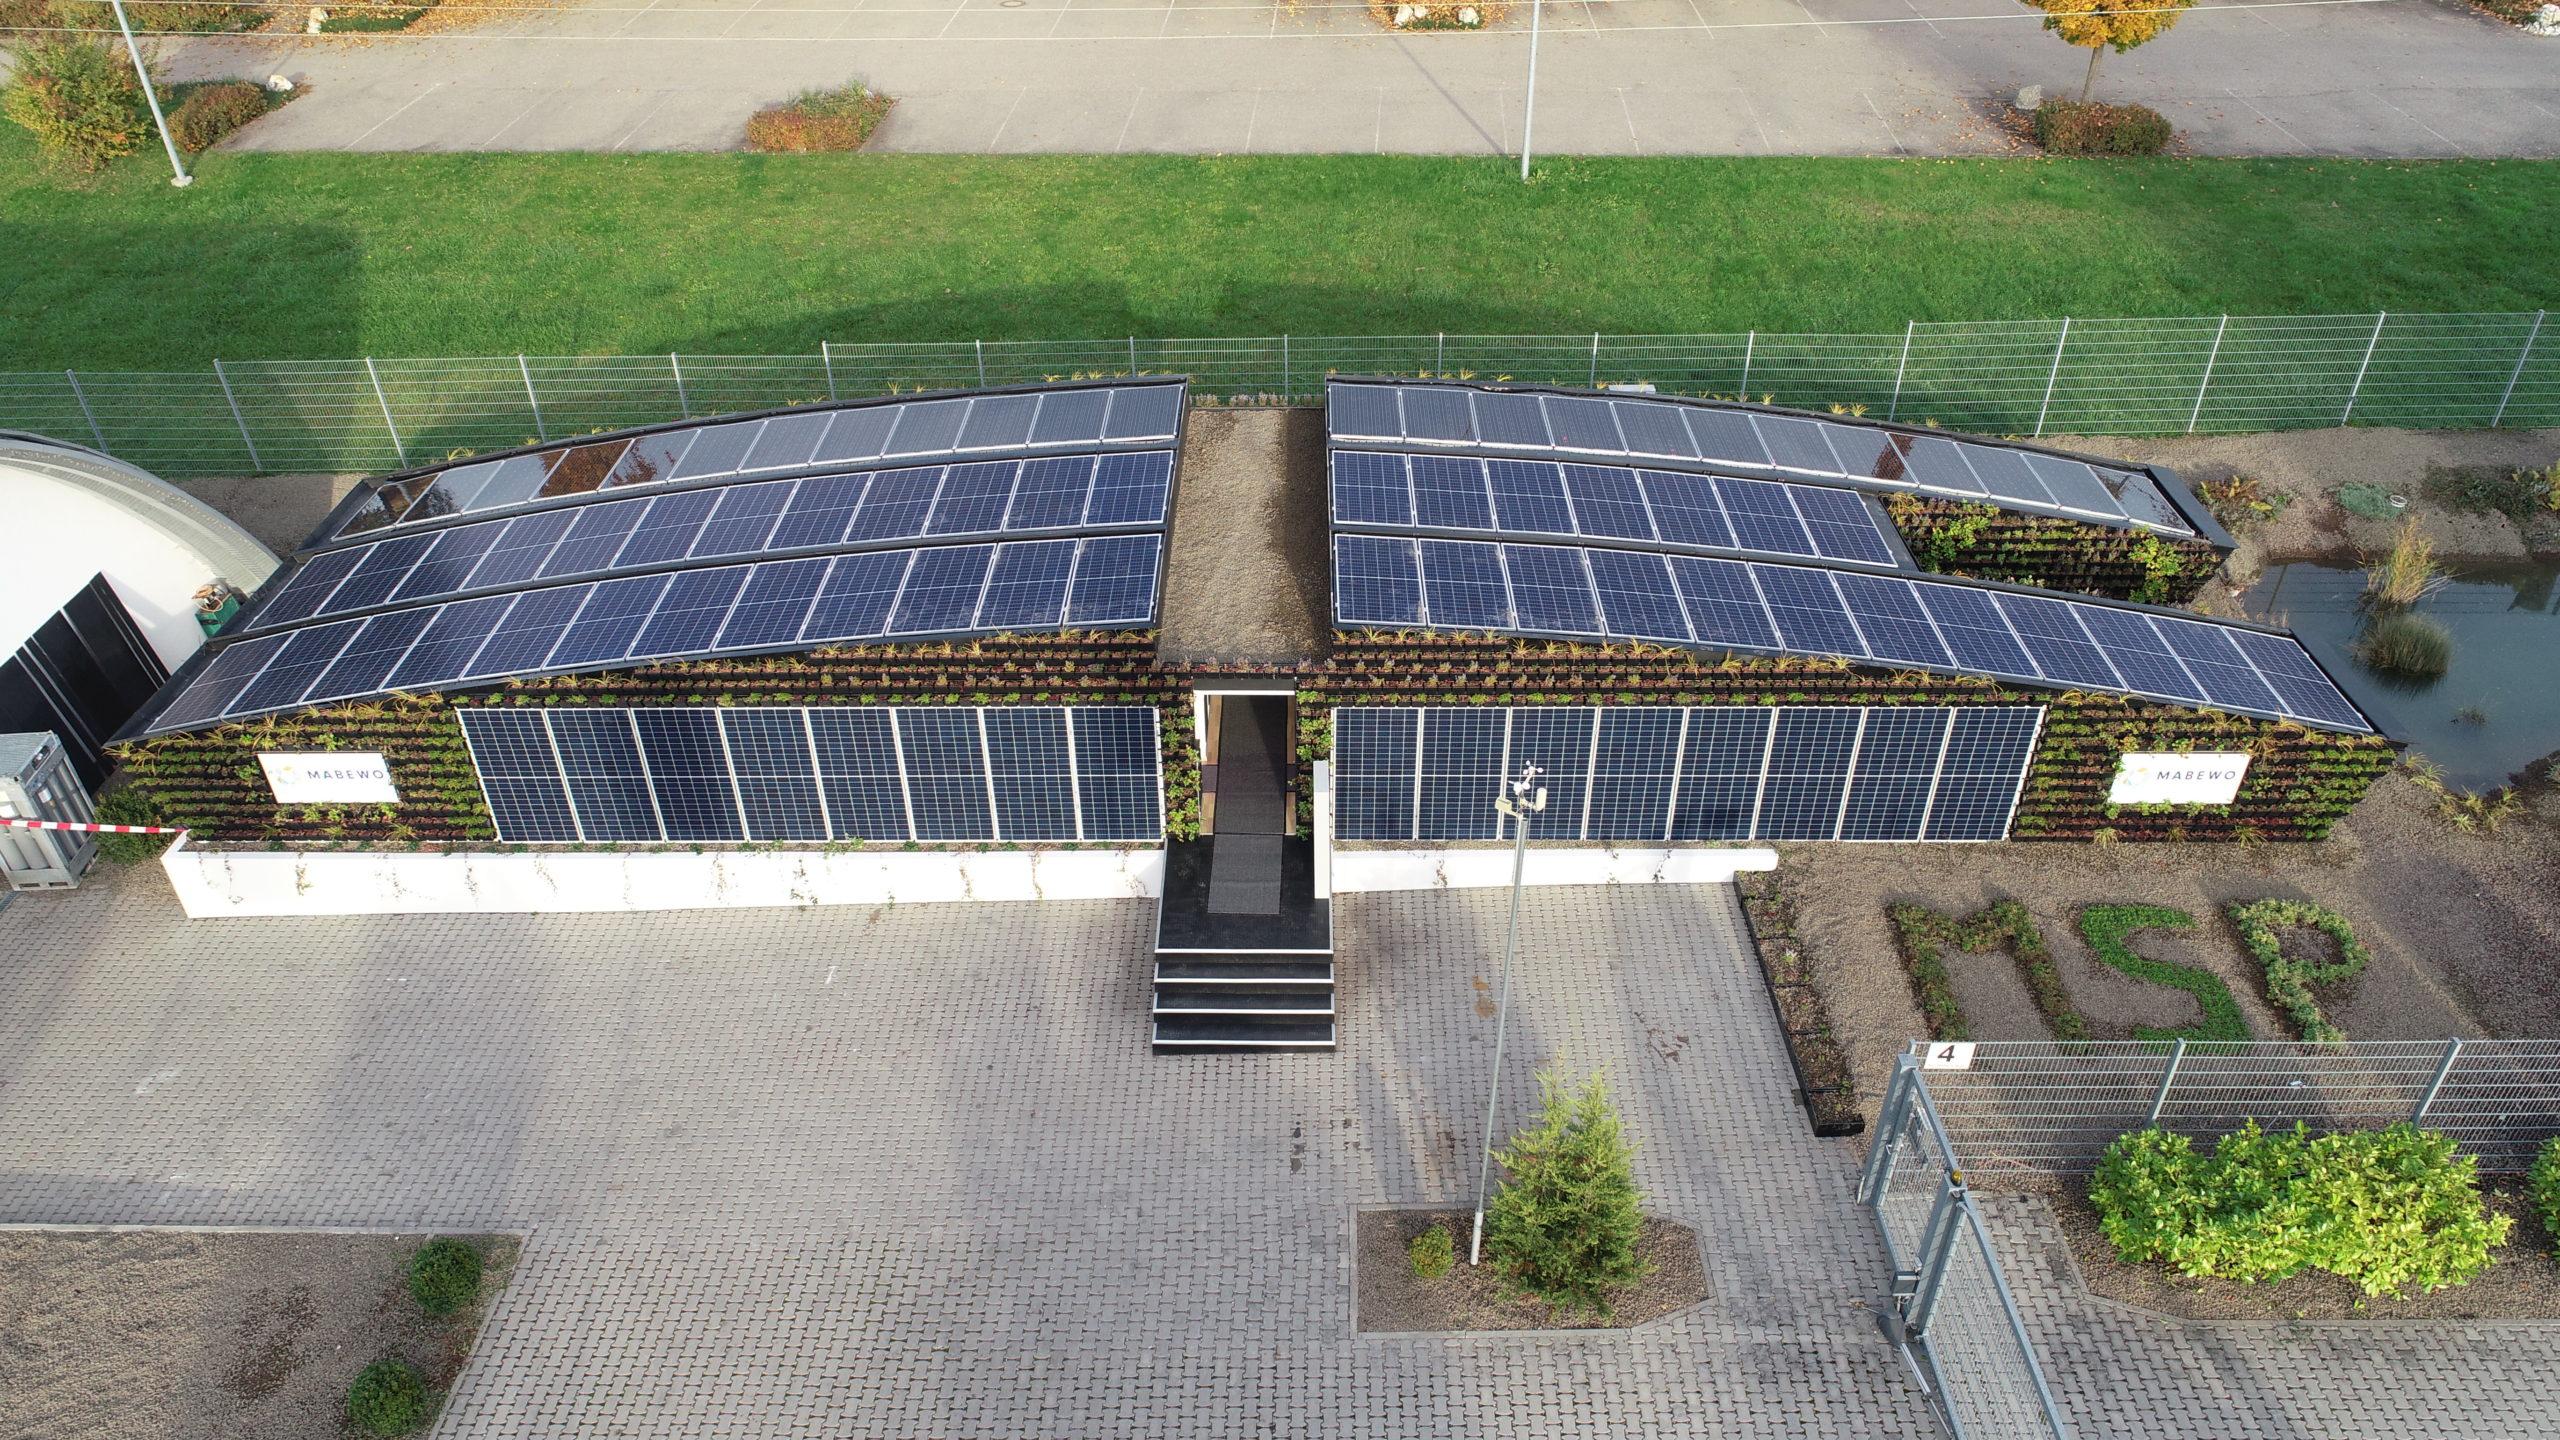 Energiekonzepte für urbane Landwirtschaft